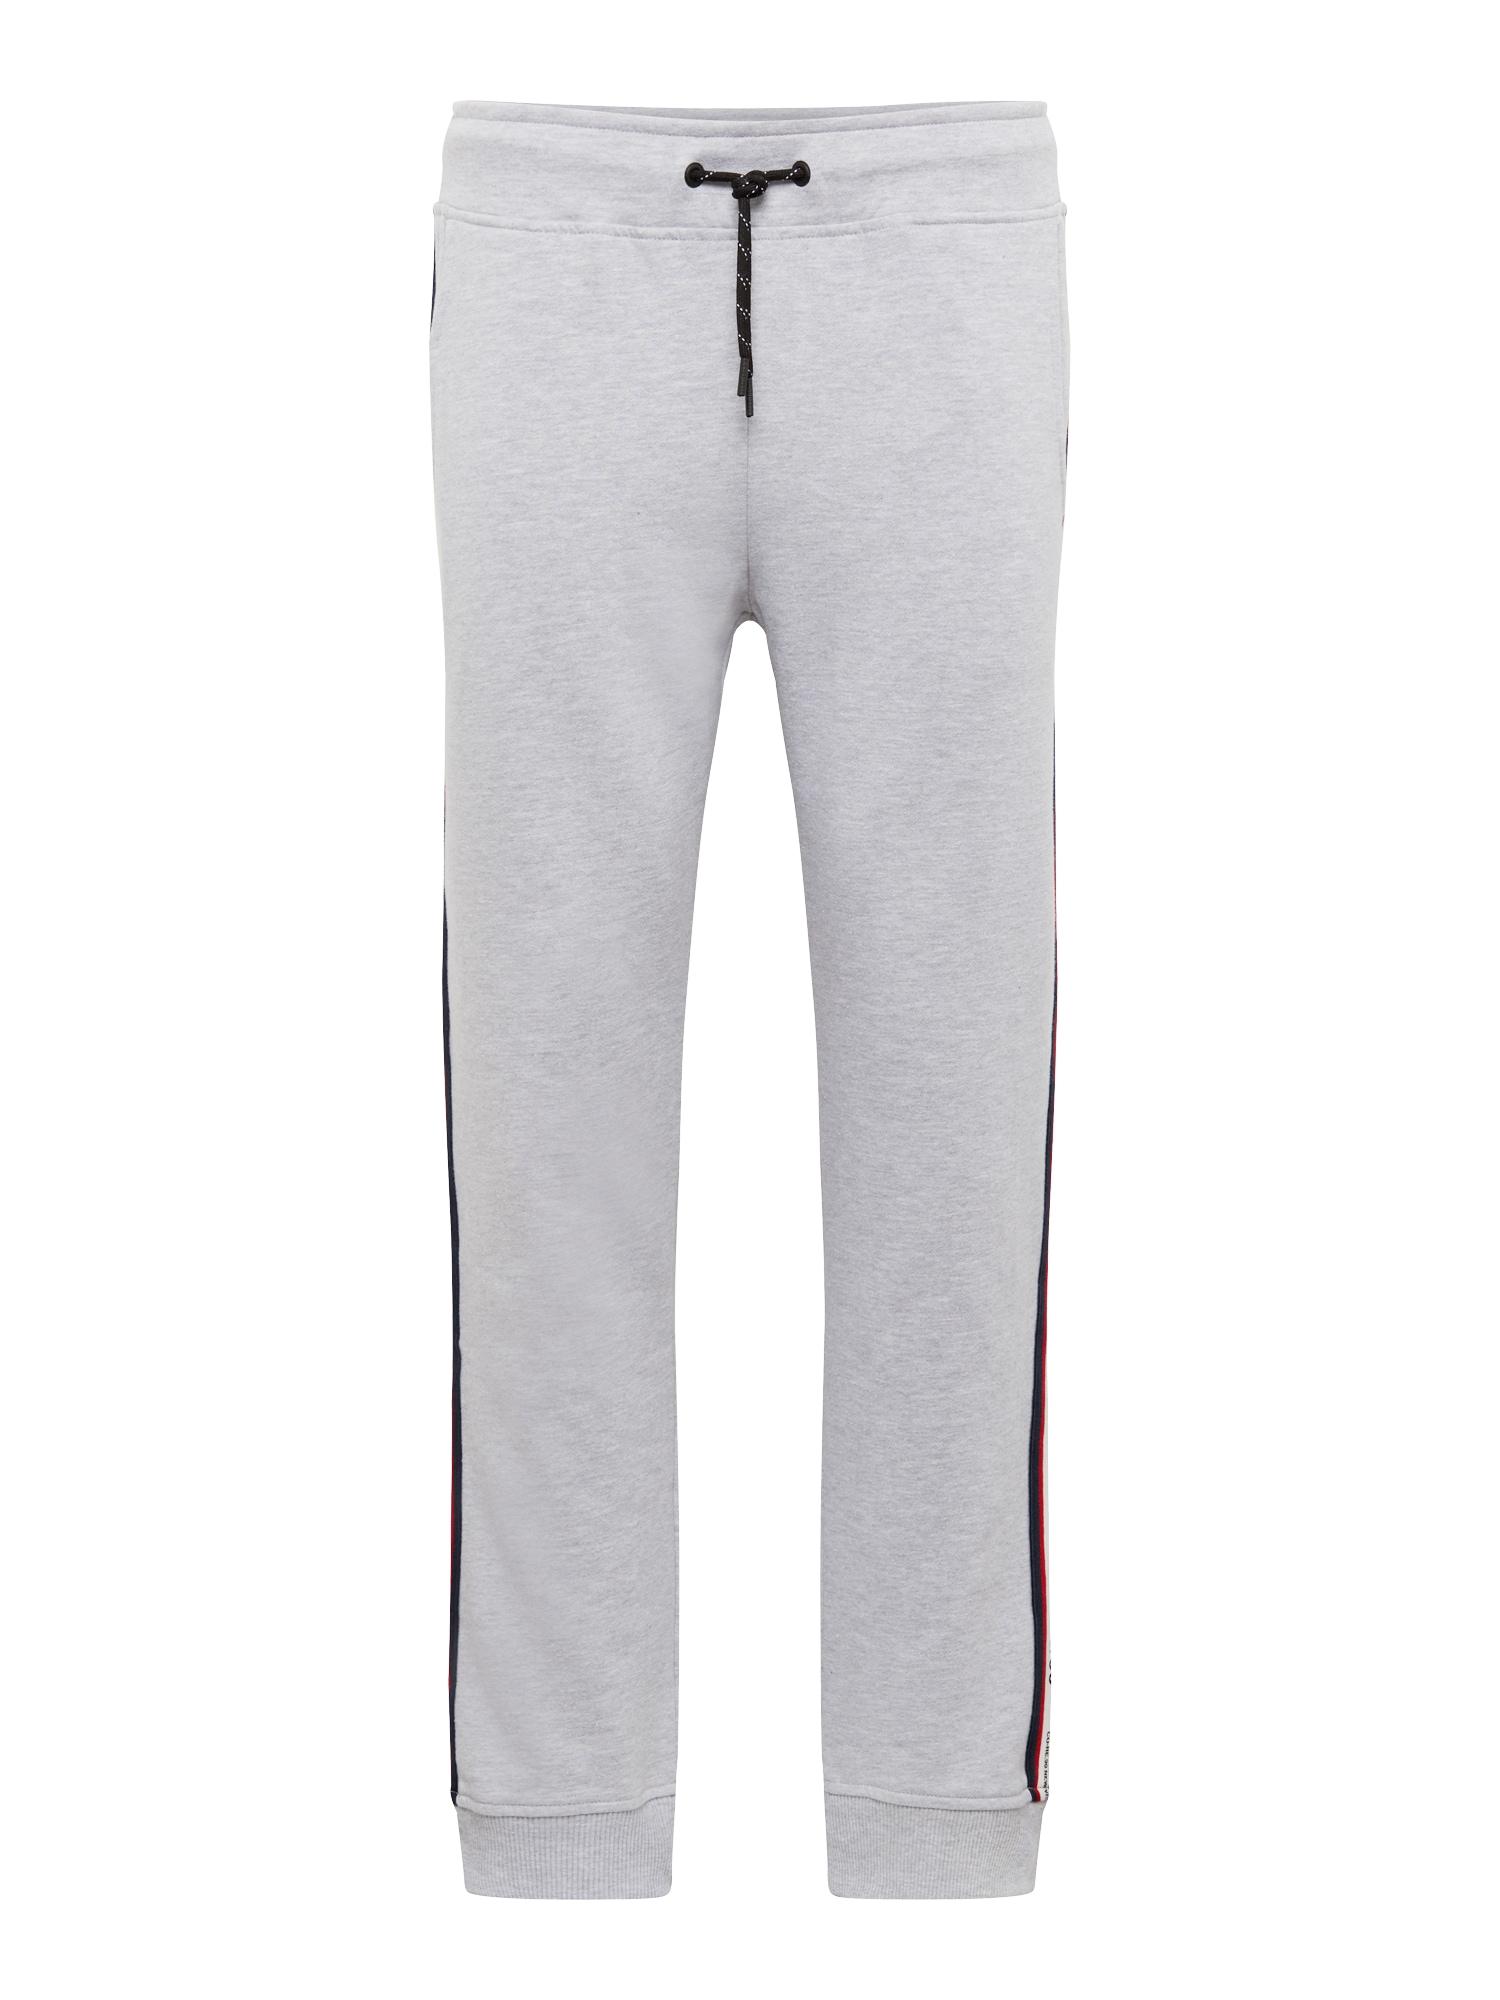 Kalhoty JCOVISION SWEAT PANTS světle šedá JACK & JONES